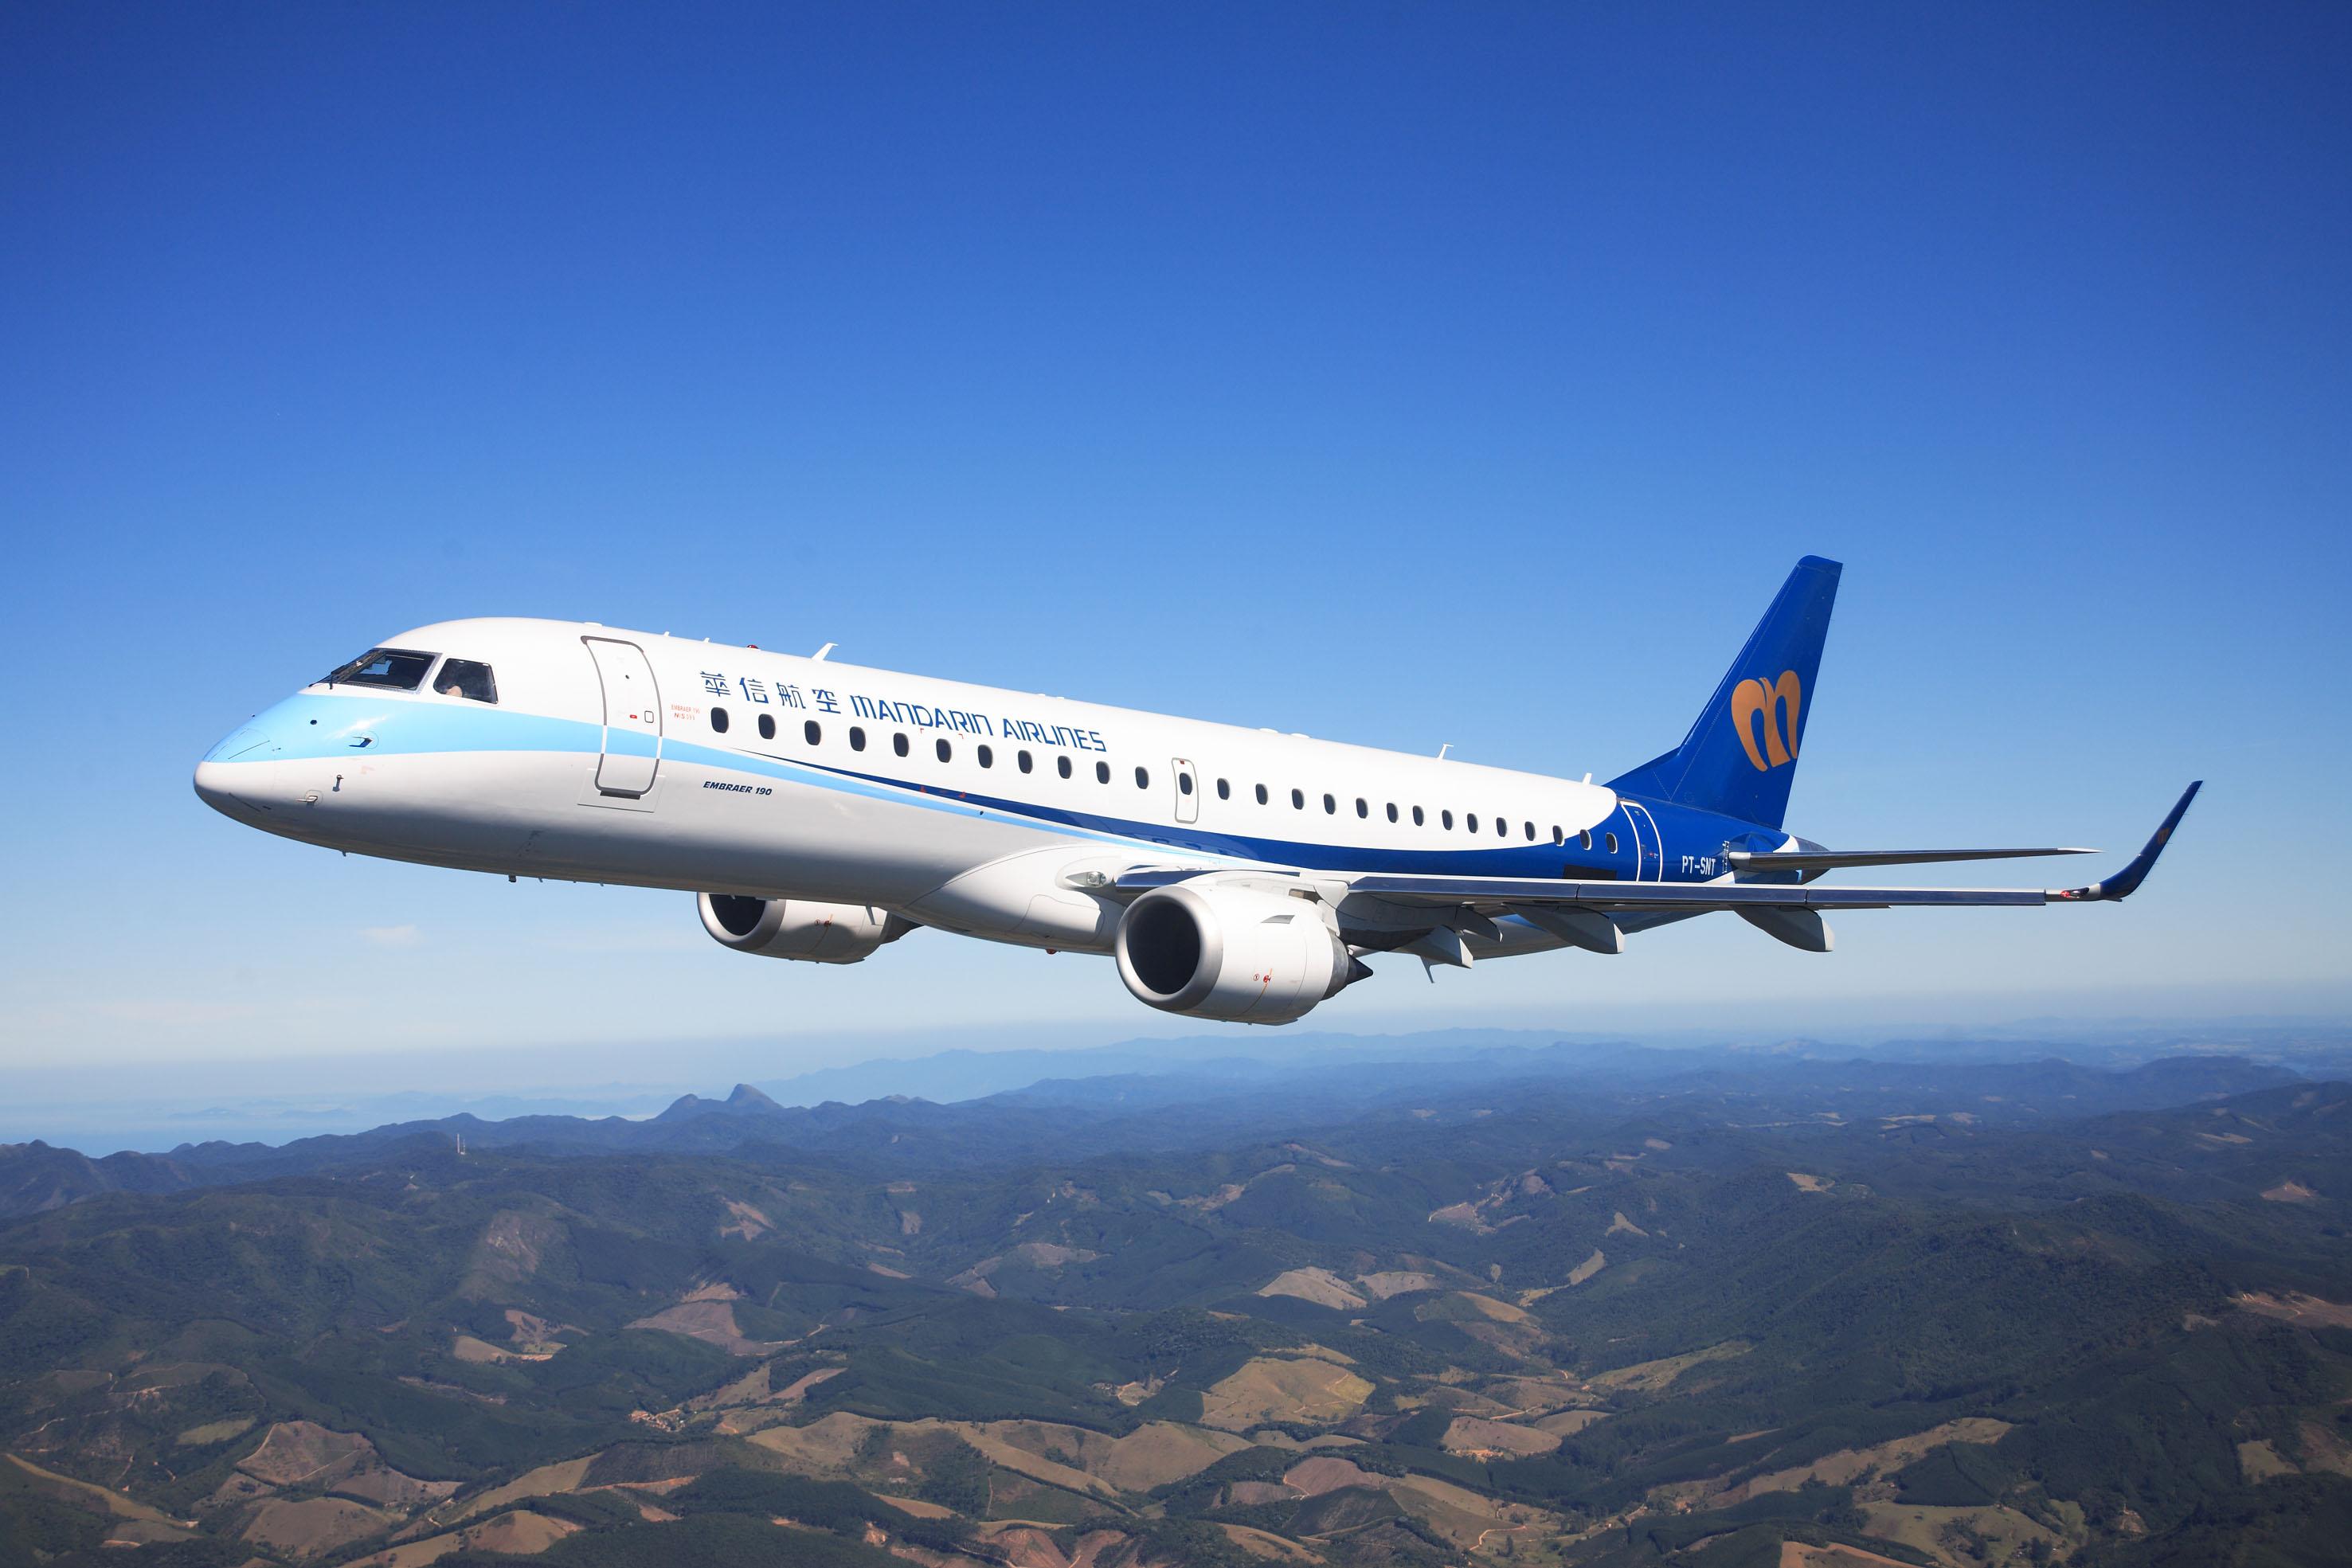 華信航空台中包機直飛鳥取,為你節省不必要的轉機時間,前進緣日本山陰山陽。(圖/華信航空)